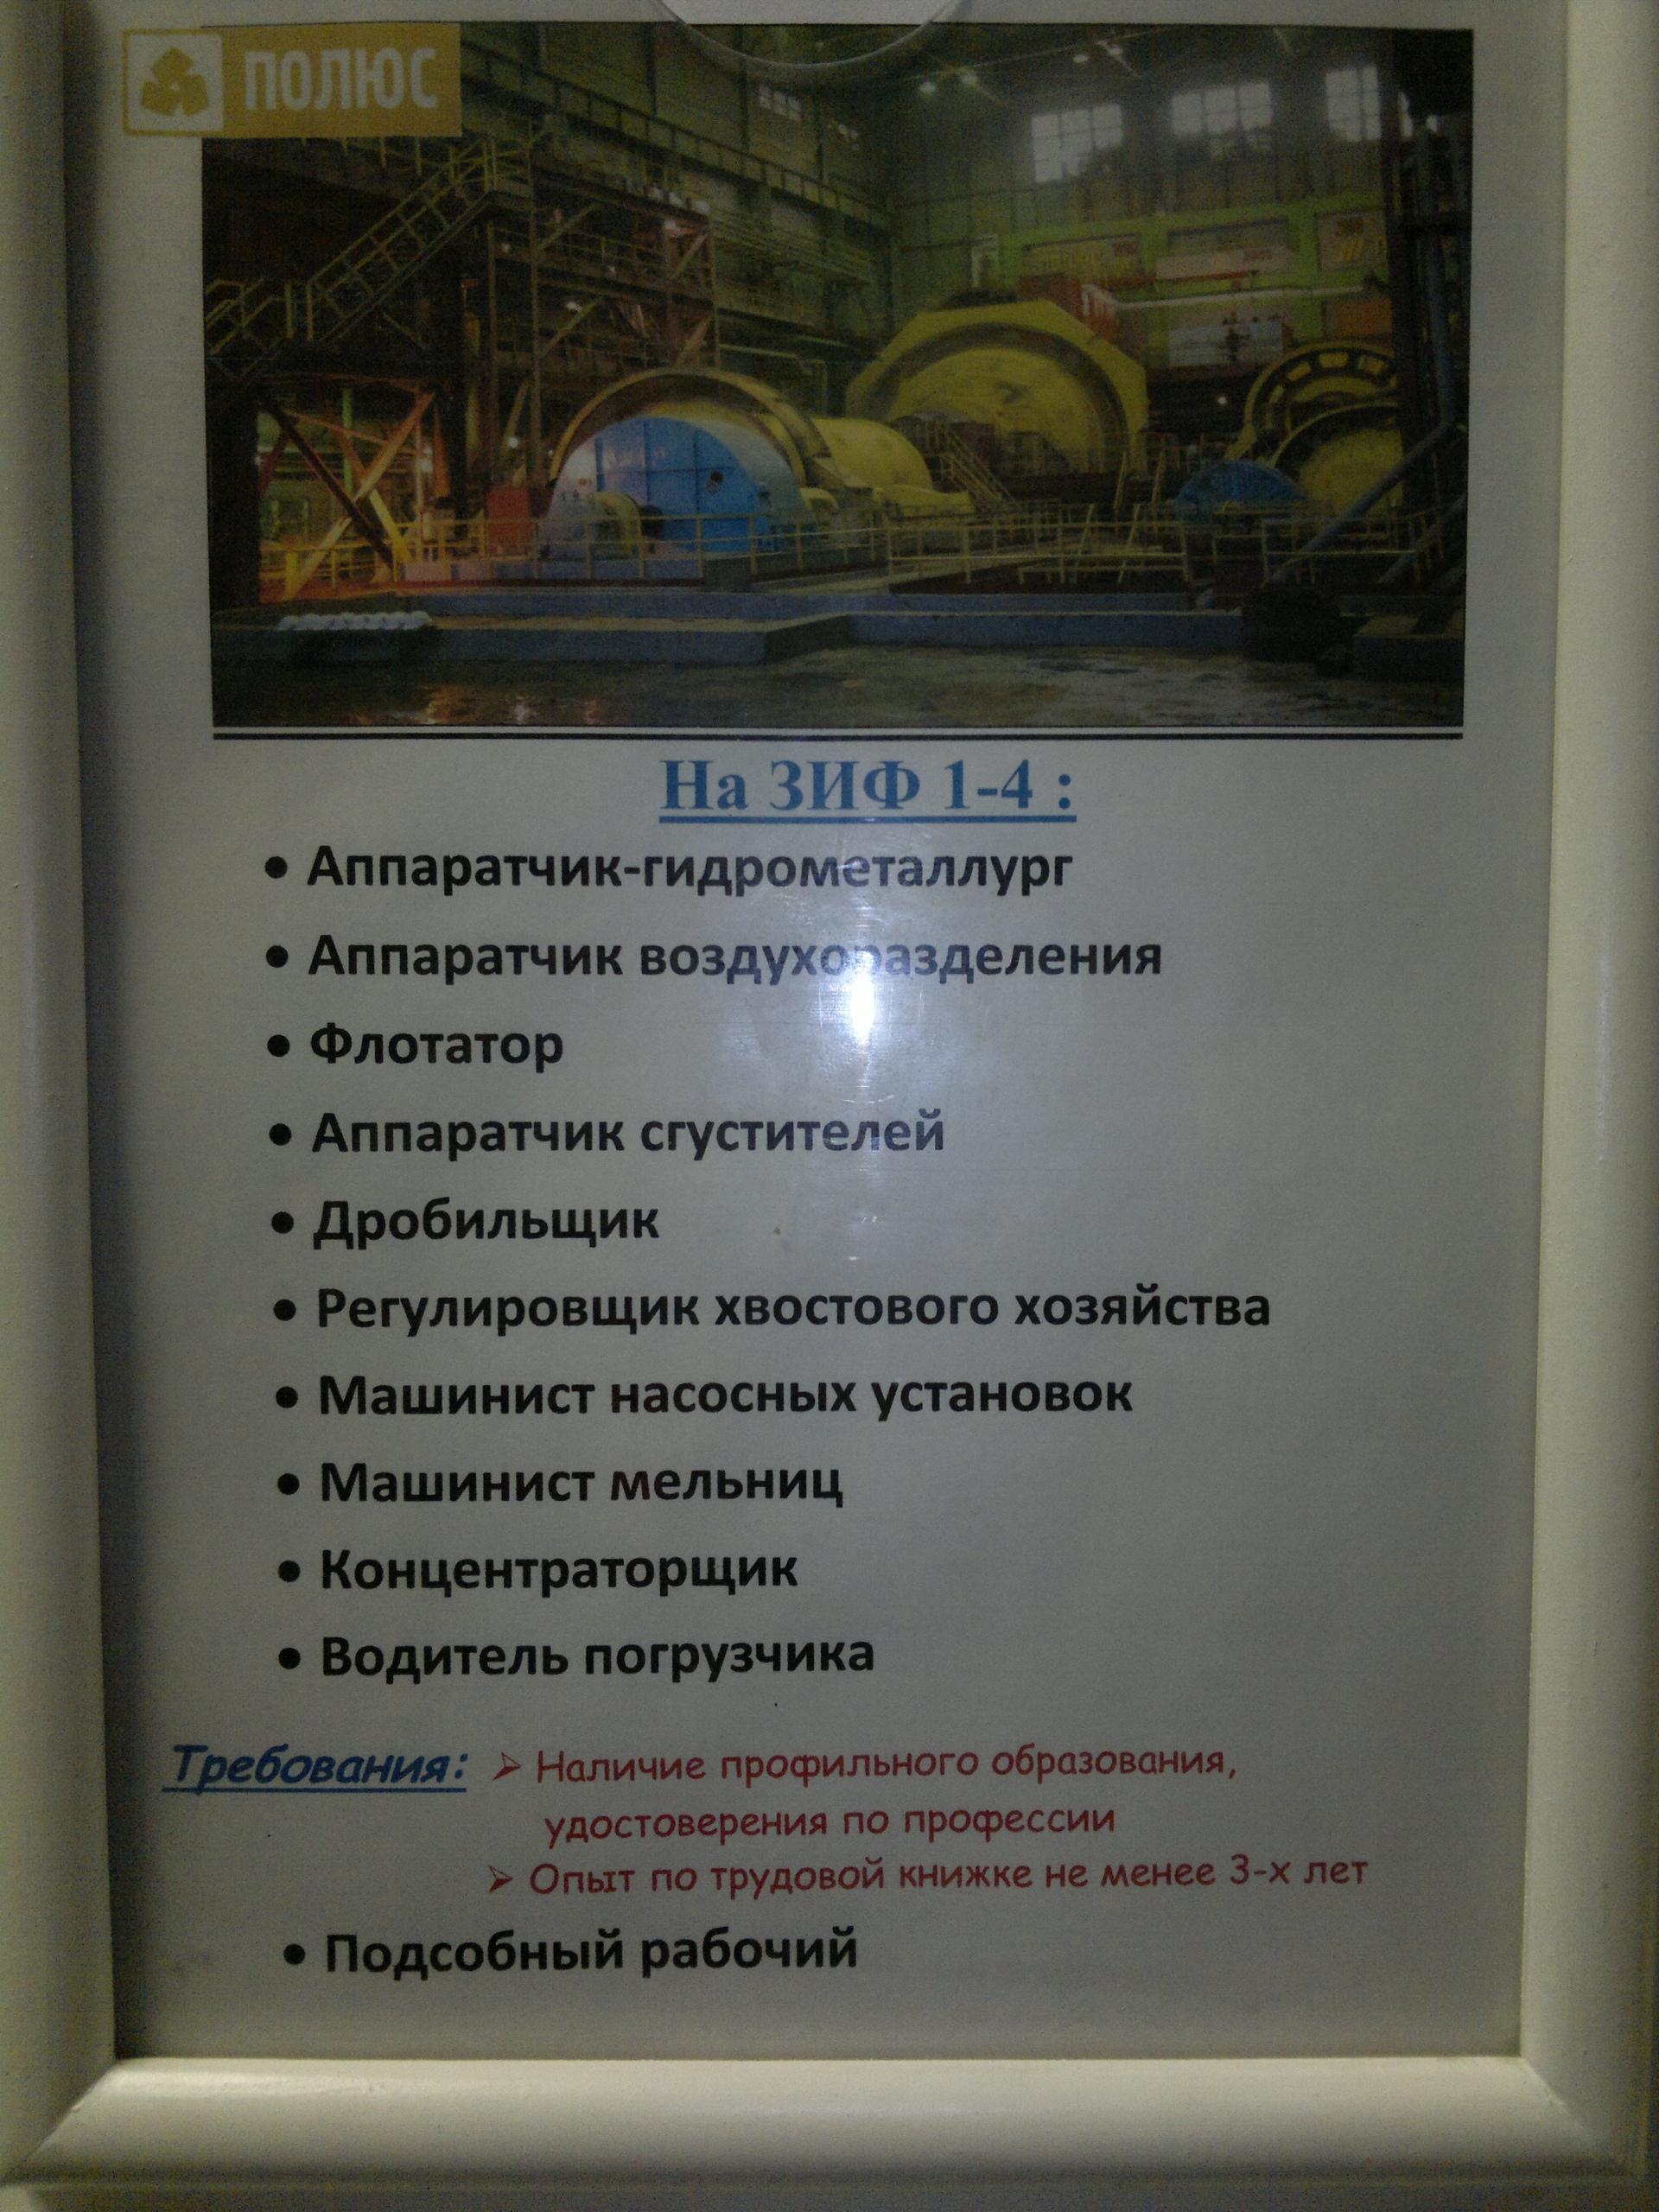 работа-оператор без опыта работы москва